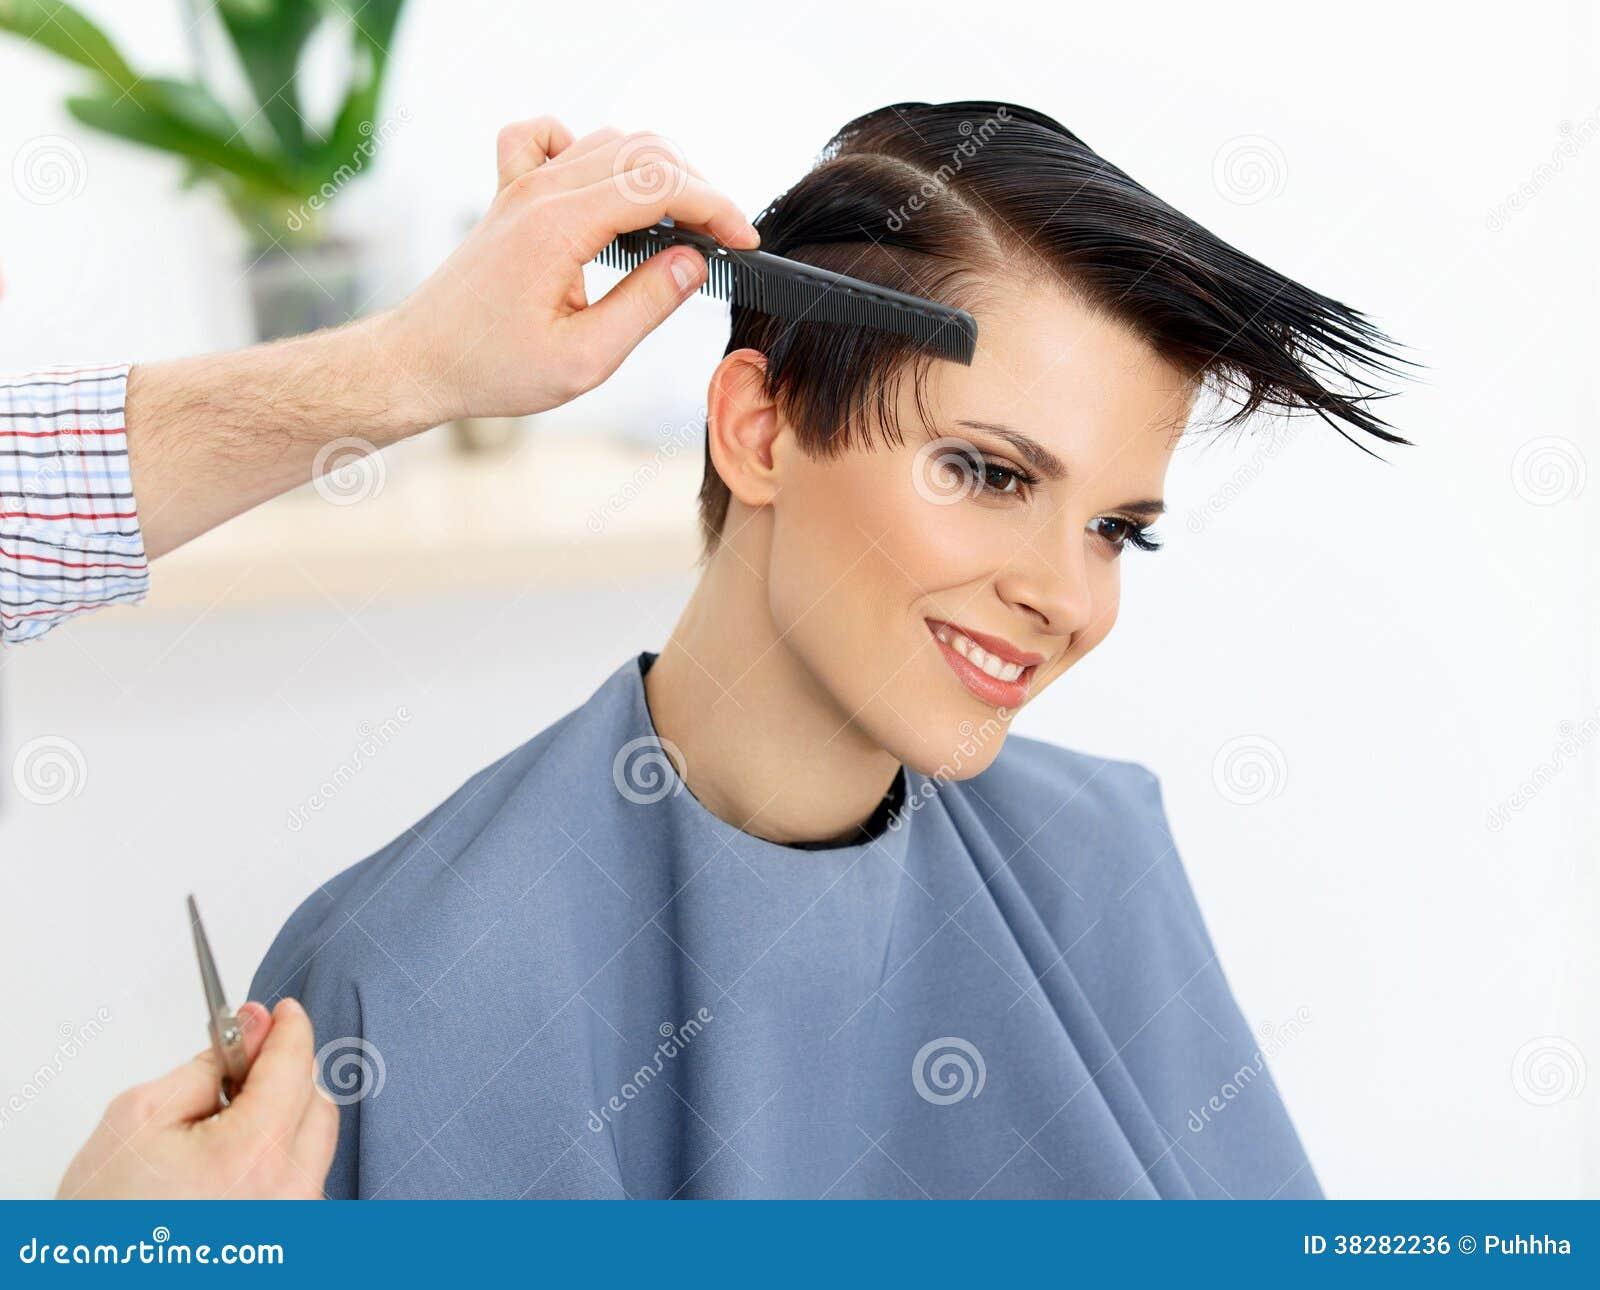 Cheveux. Coiffeur faisant la coiffure. Beauté Woman modèle. Coupe de cheveux